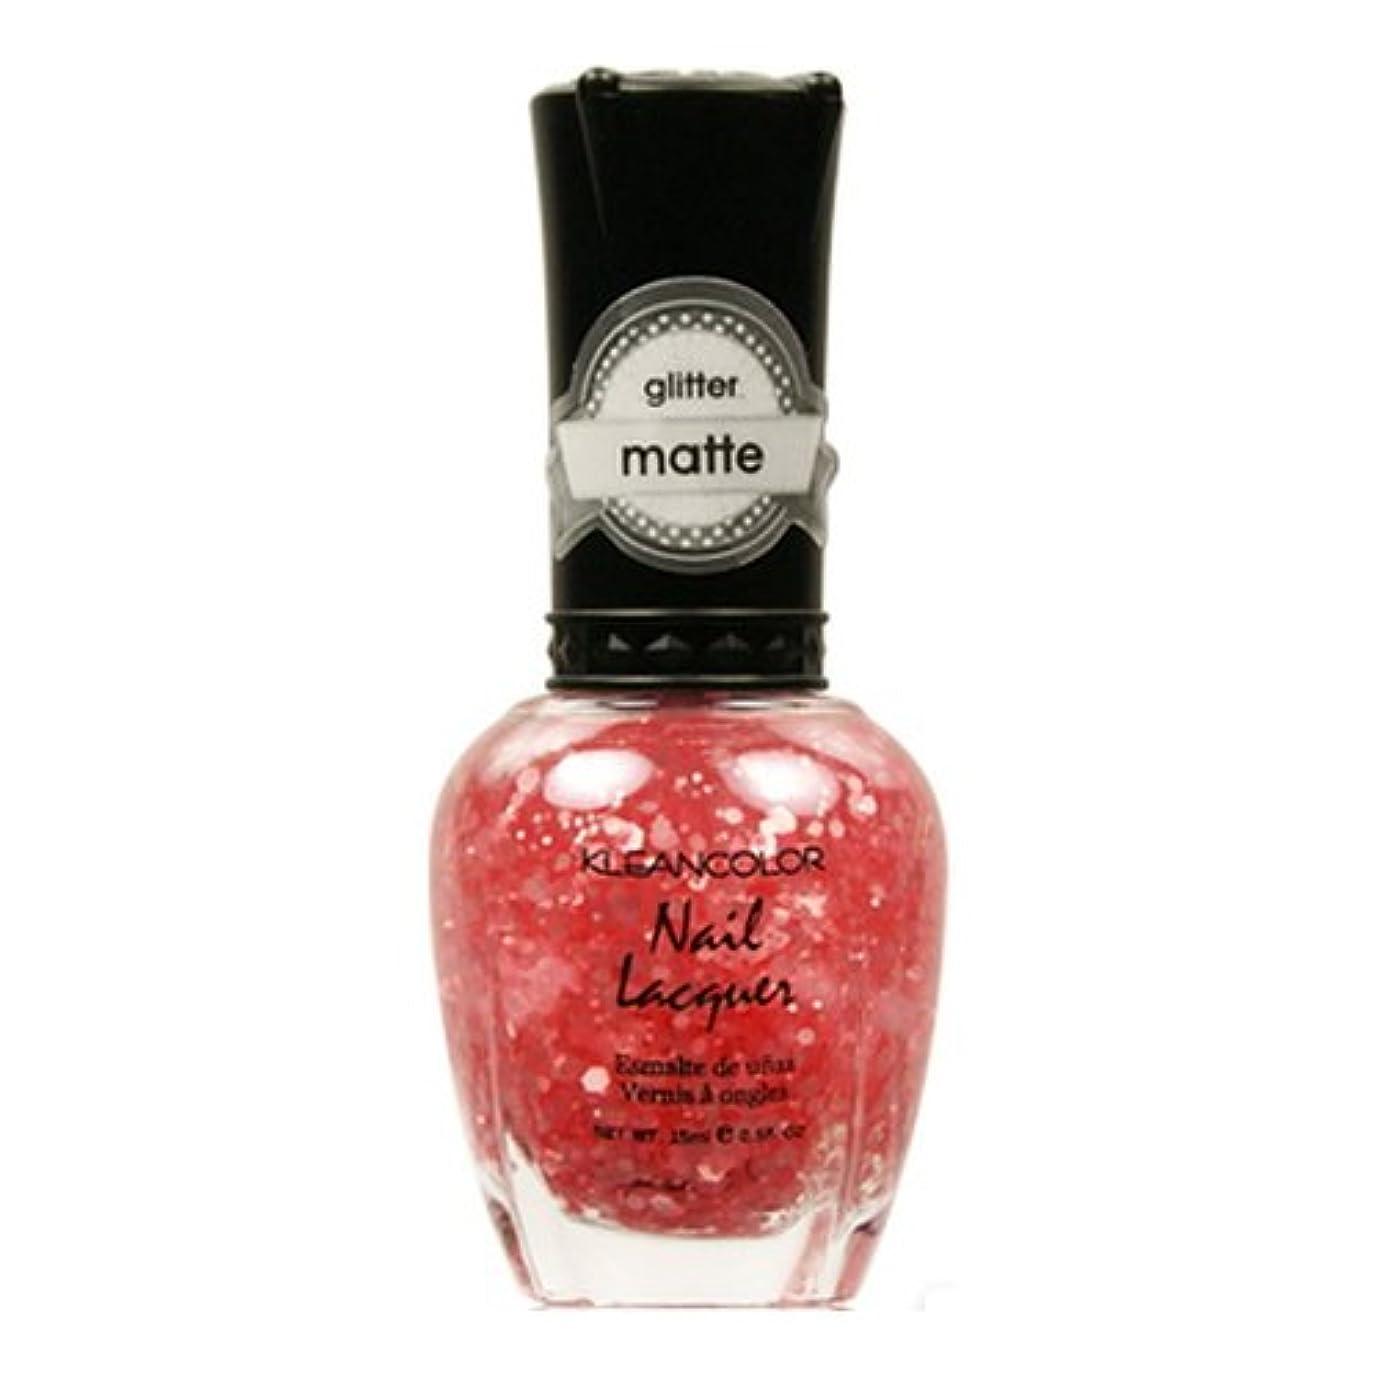 仲間西連続した(6 Pack) KLEANCOLOR Glitter Matte Nail Lacquer - Blush Pink (並行輸入品)